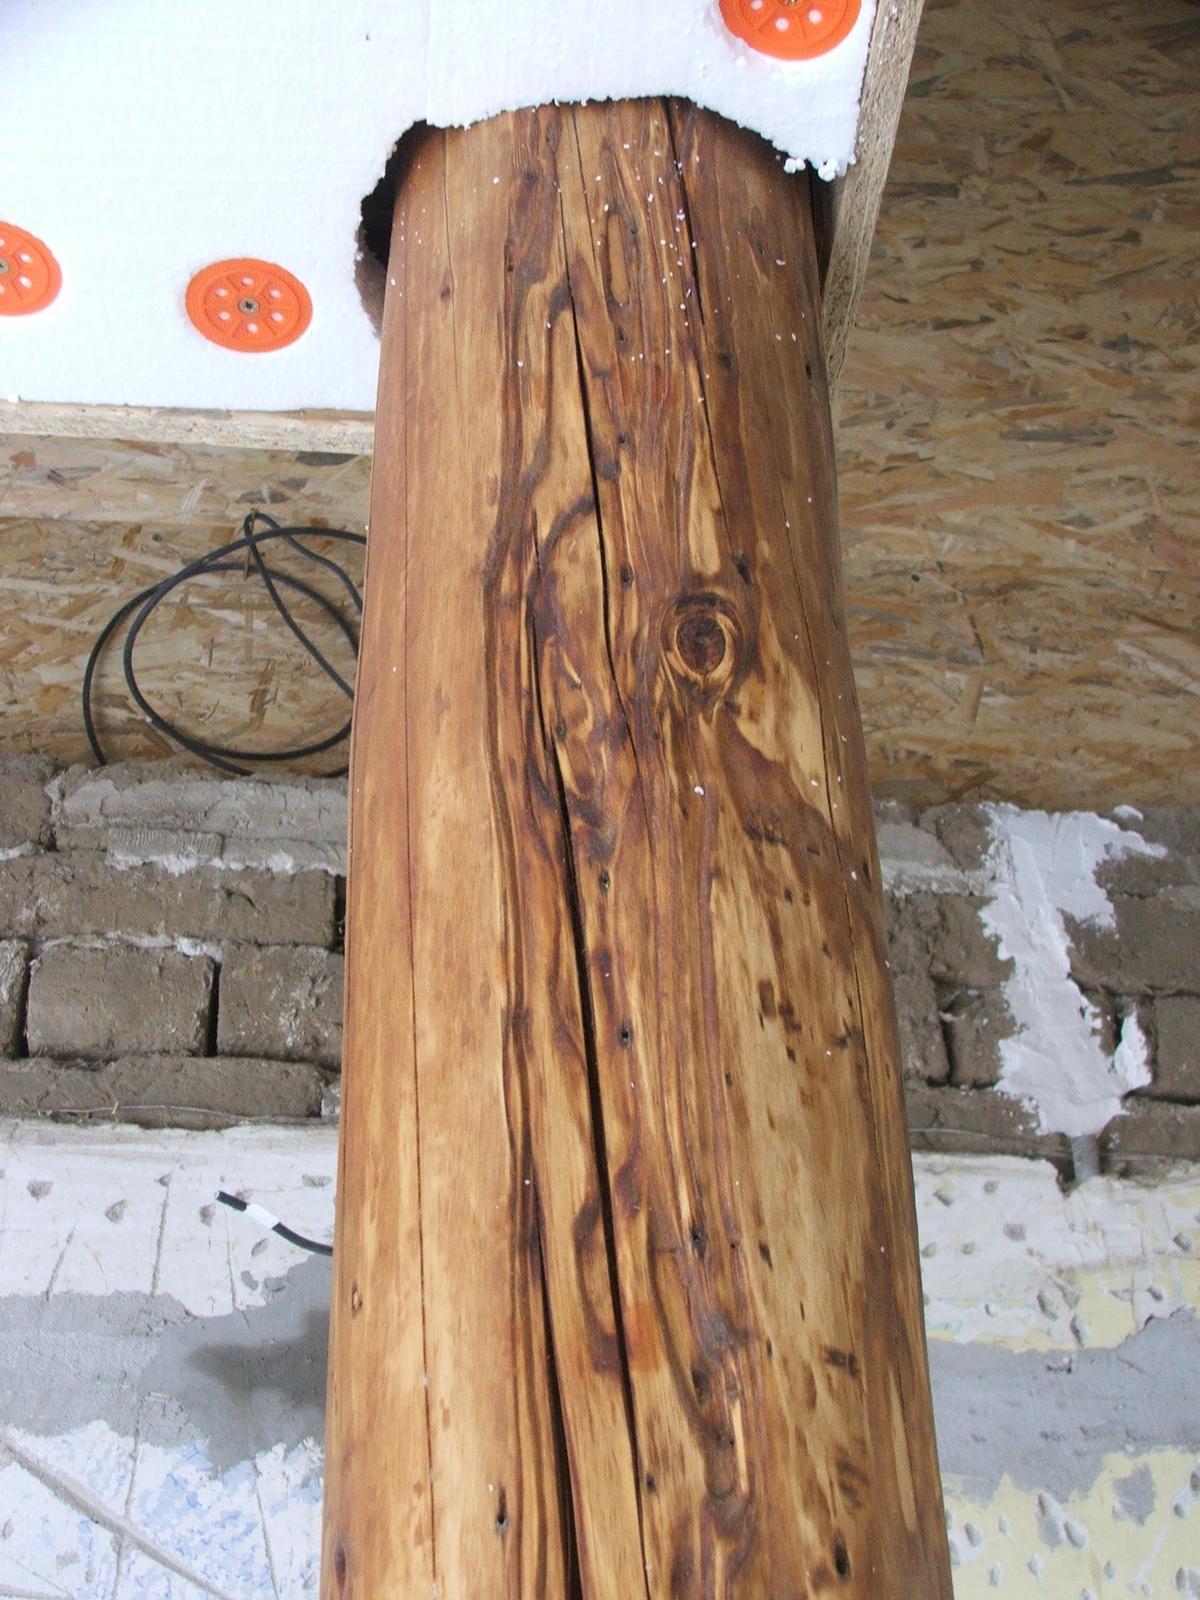 Premeny - Hranol je osadený. Keď dorobíme omietky a podlahy...Ešte ho raz natriem olejom a vyutieram. Zápach z octu v ktorom bola vyluhovaná drátenka po dvoch týždňoch zmizol.